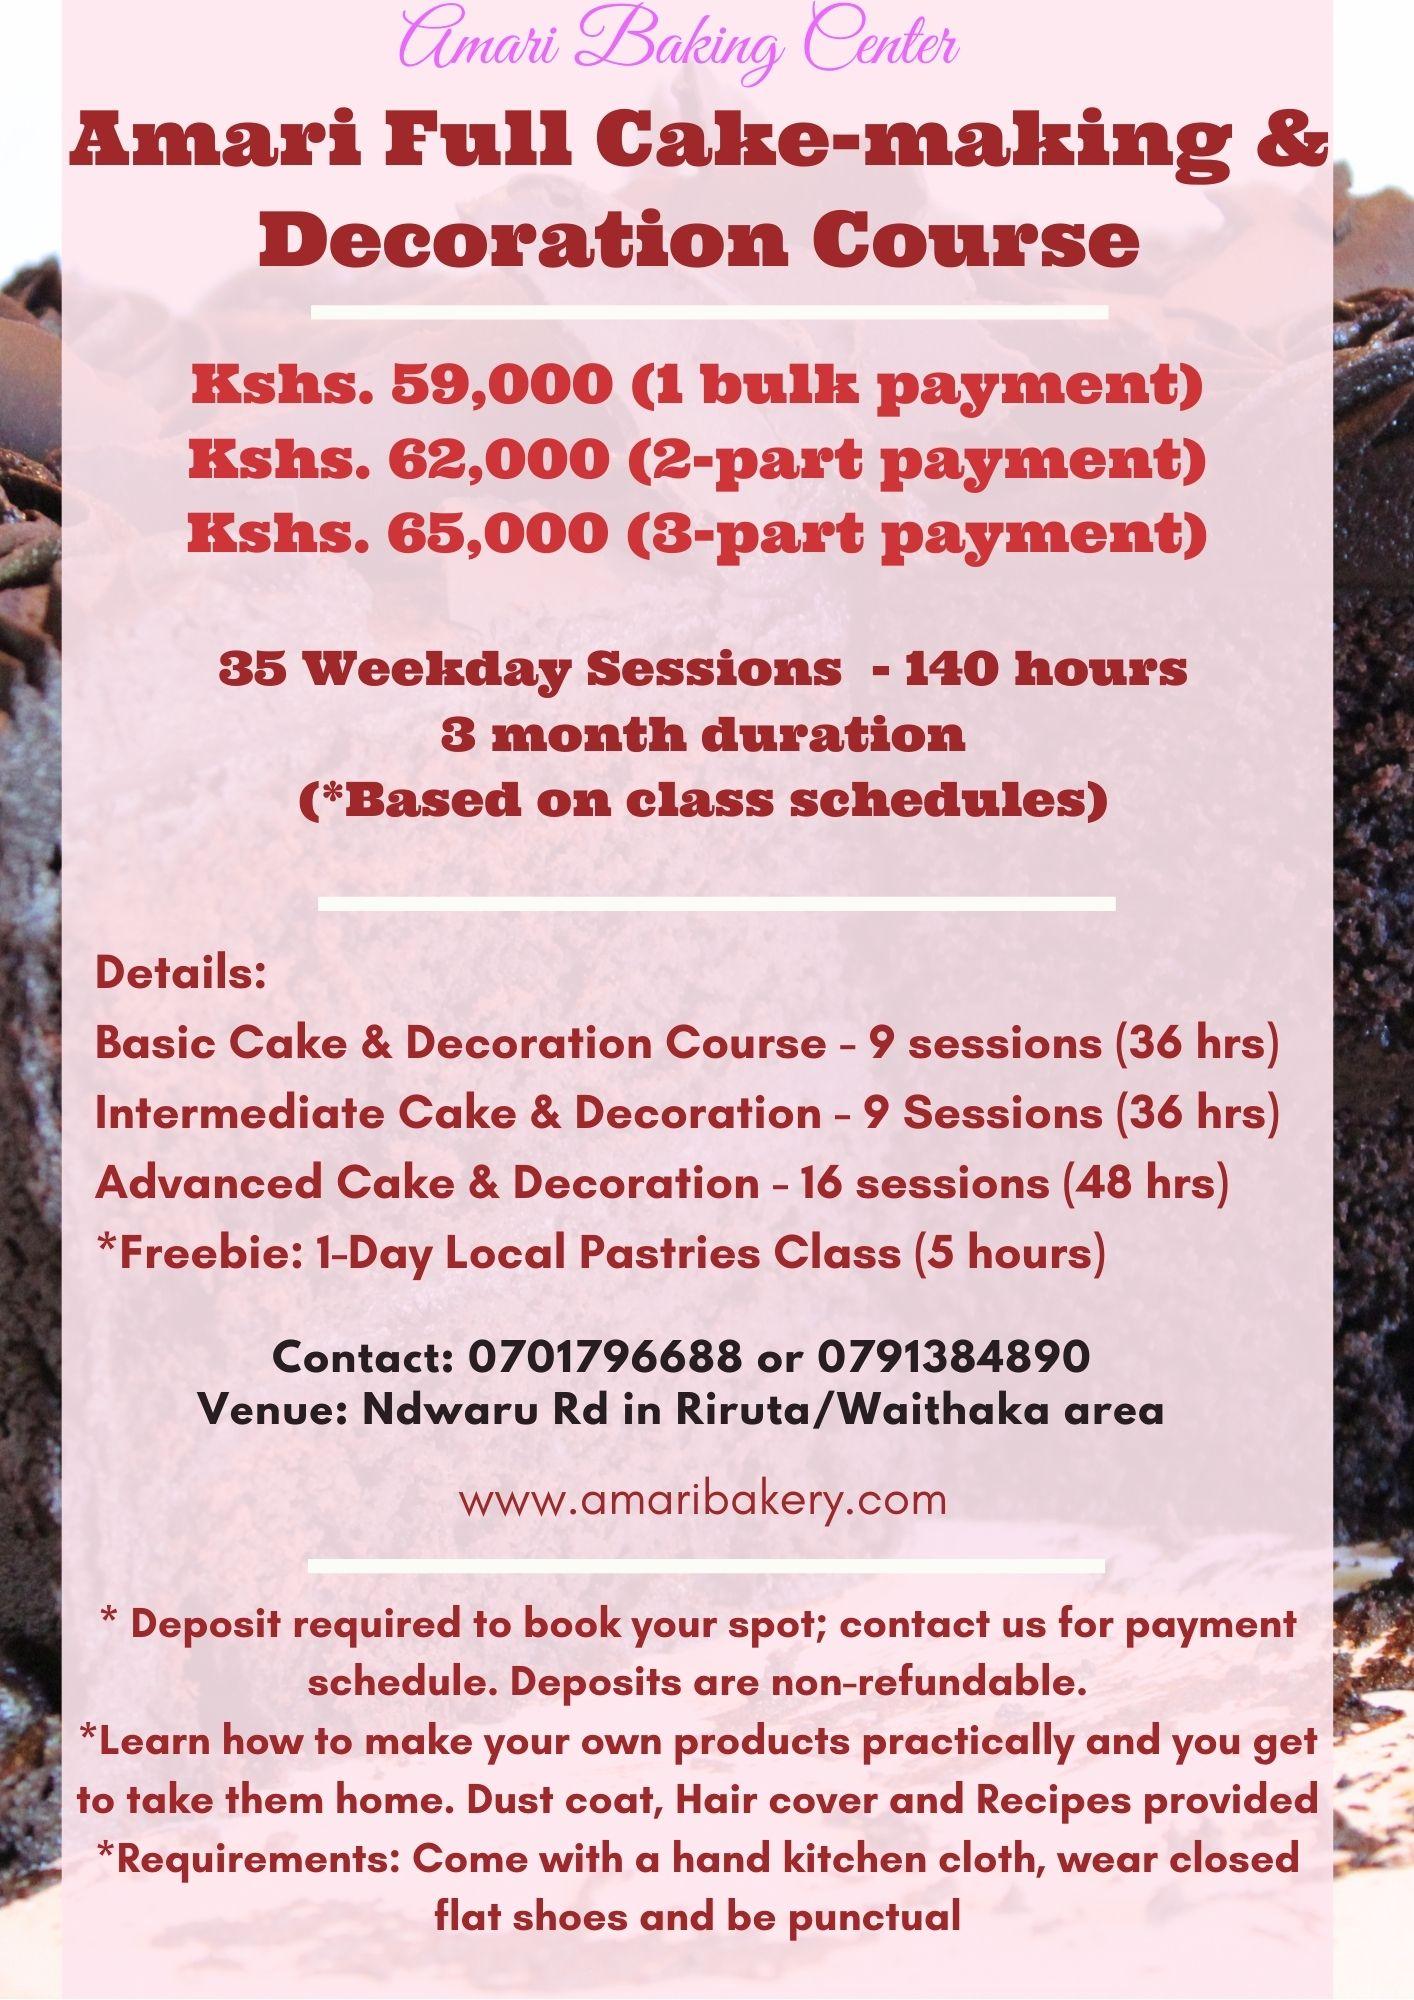 Full course Amari Cake & Decoration 2021 poster